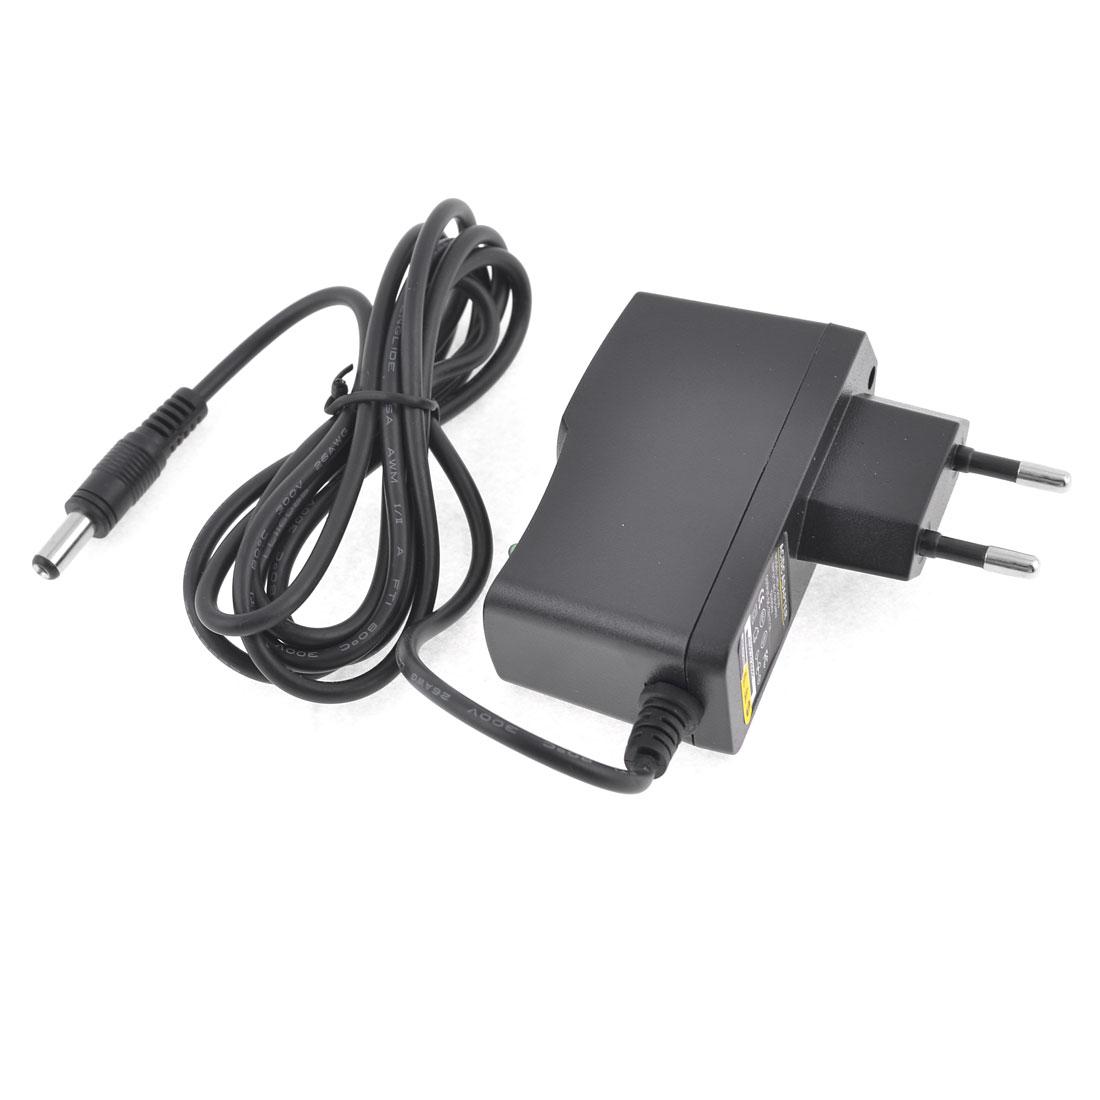 EU Plug Home Travel AC100-240V 50-60Hz DC12V 1APower Supply Adapter